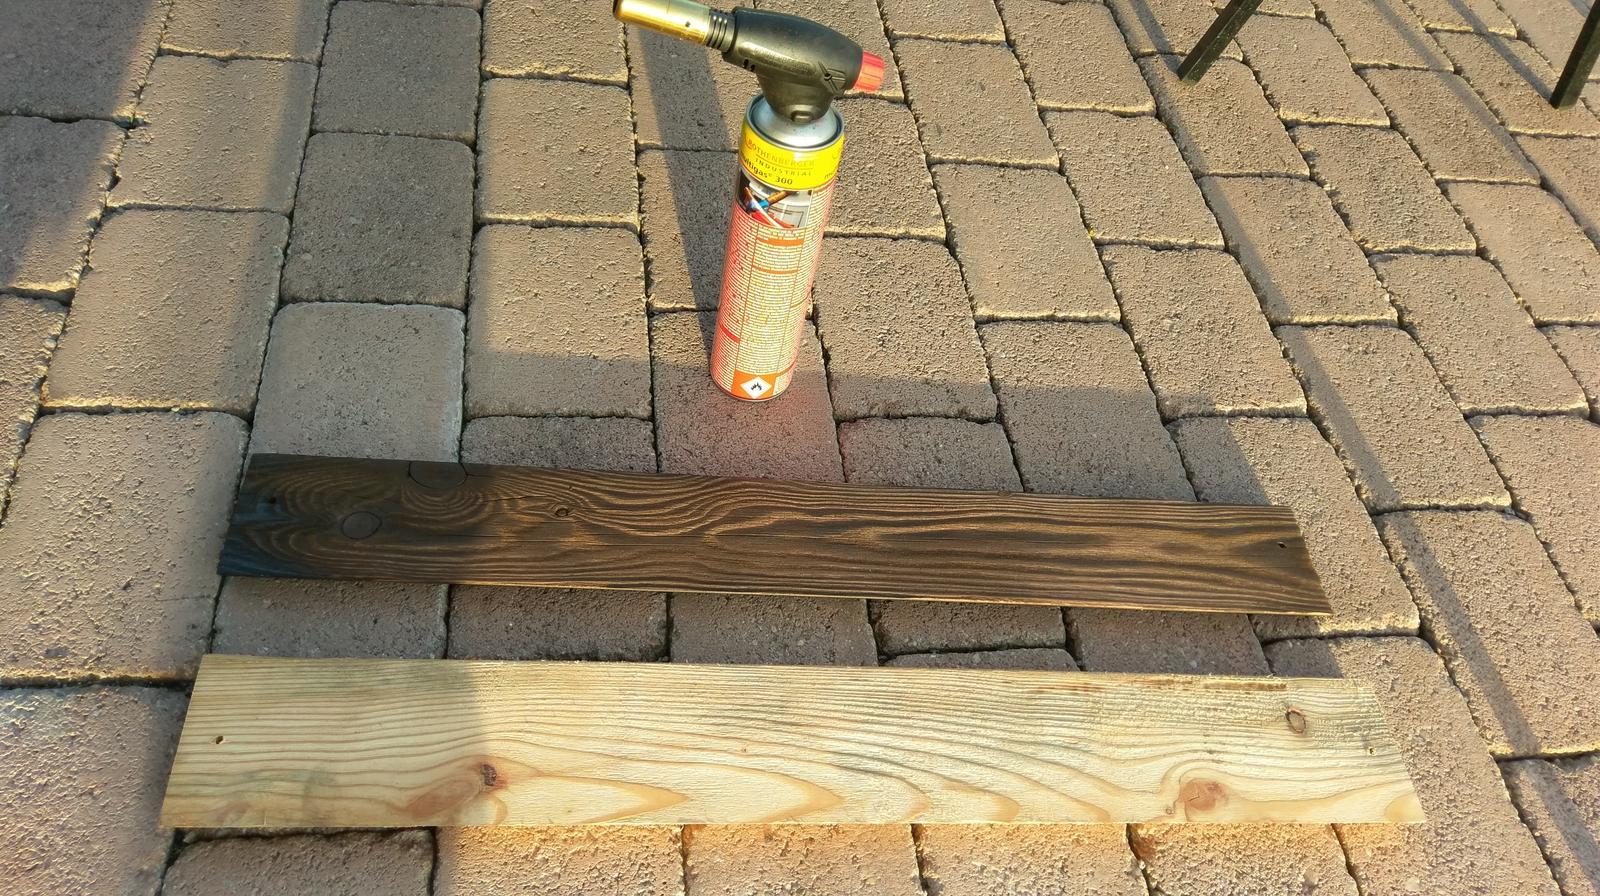 Plot - kupil som PB horak a drevo opalil